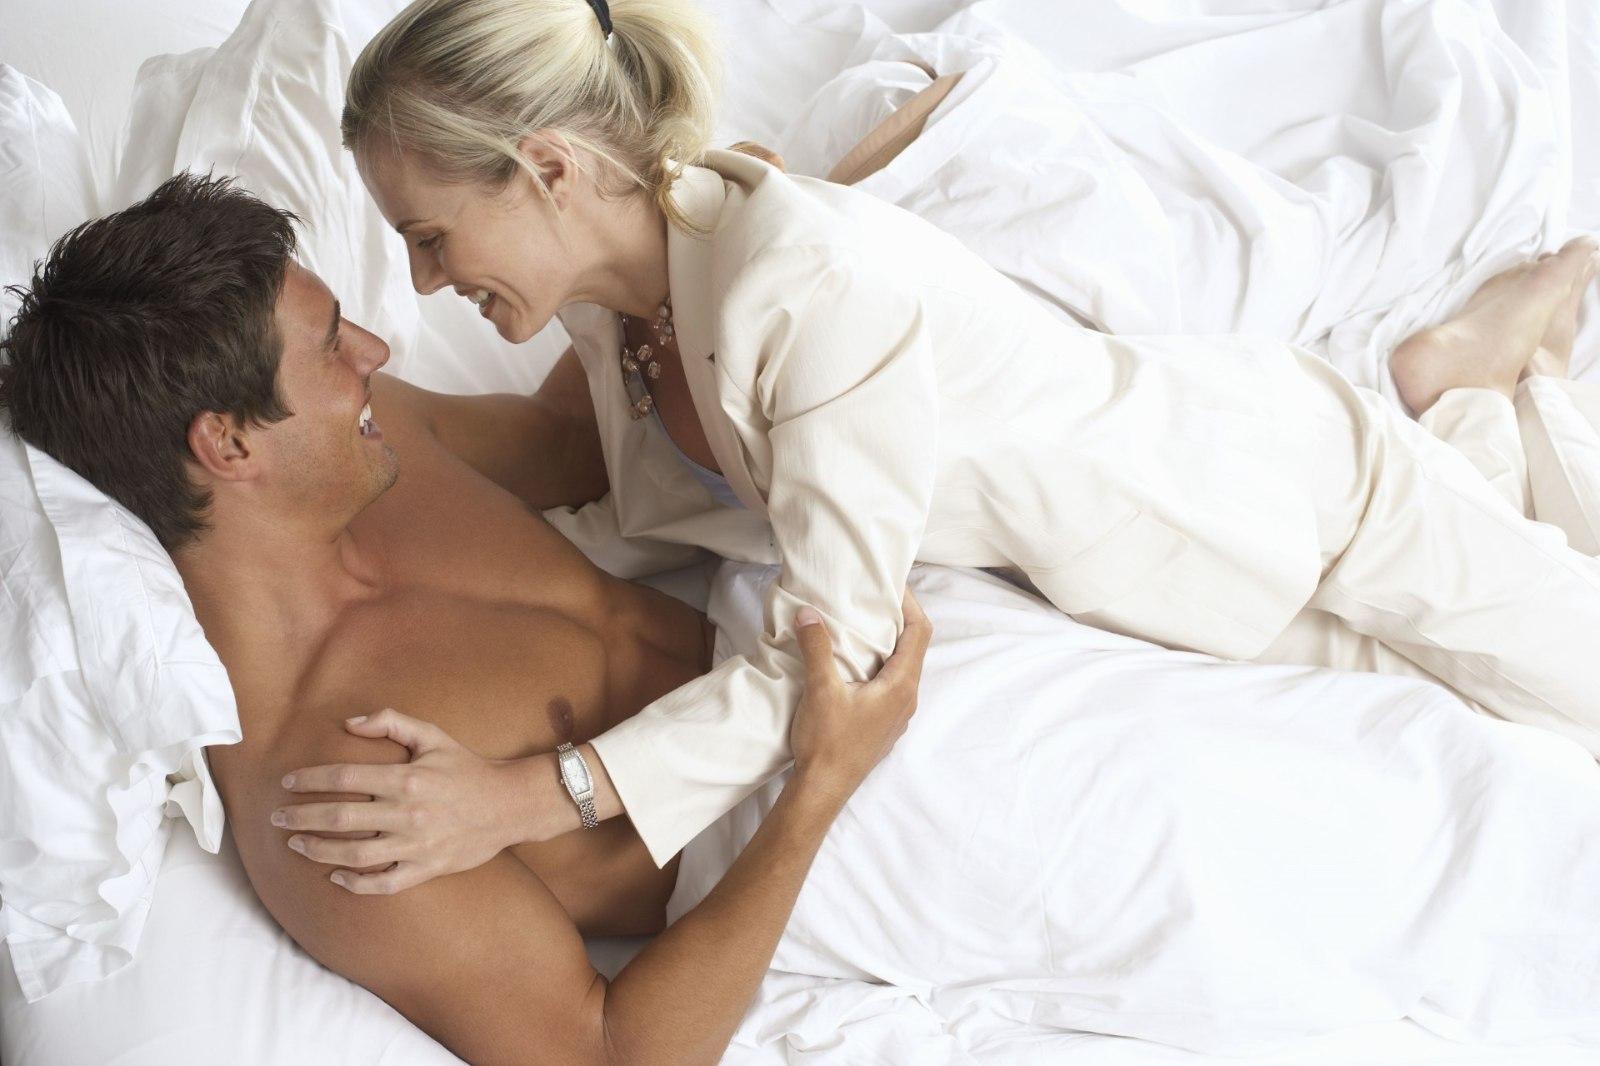 Секс бесплатно просмотр, Порно видео онлайн бесплатно без регистрации 14 фотография